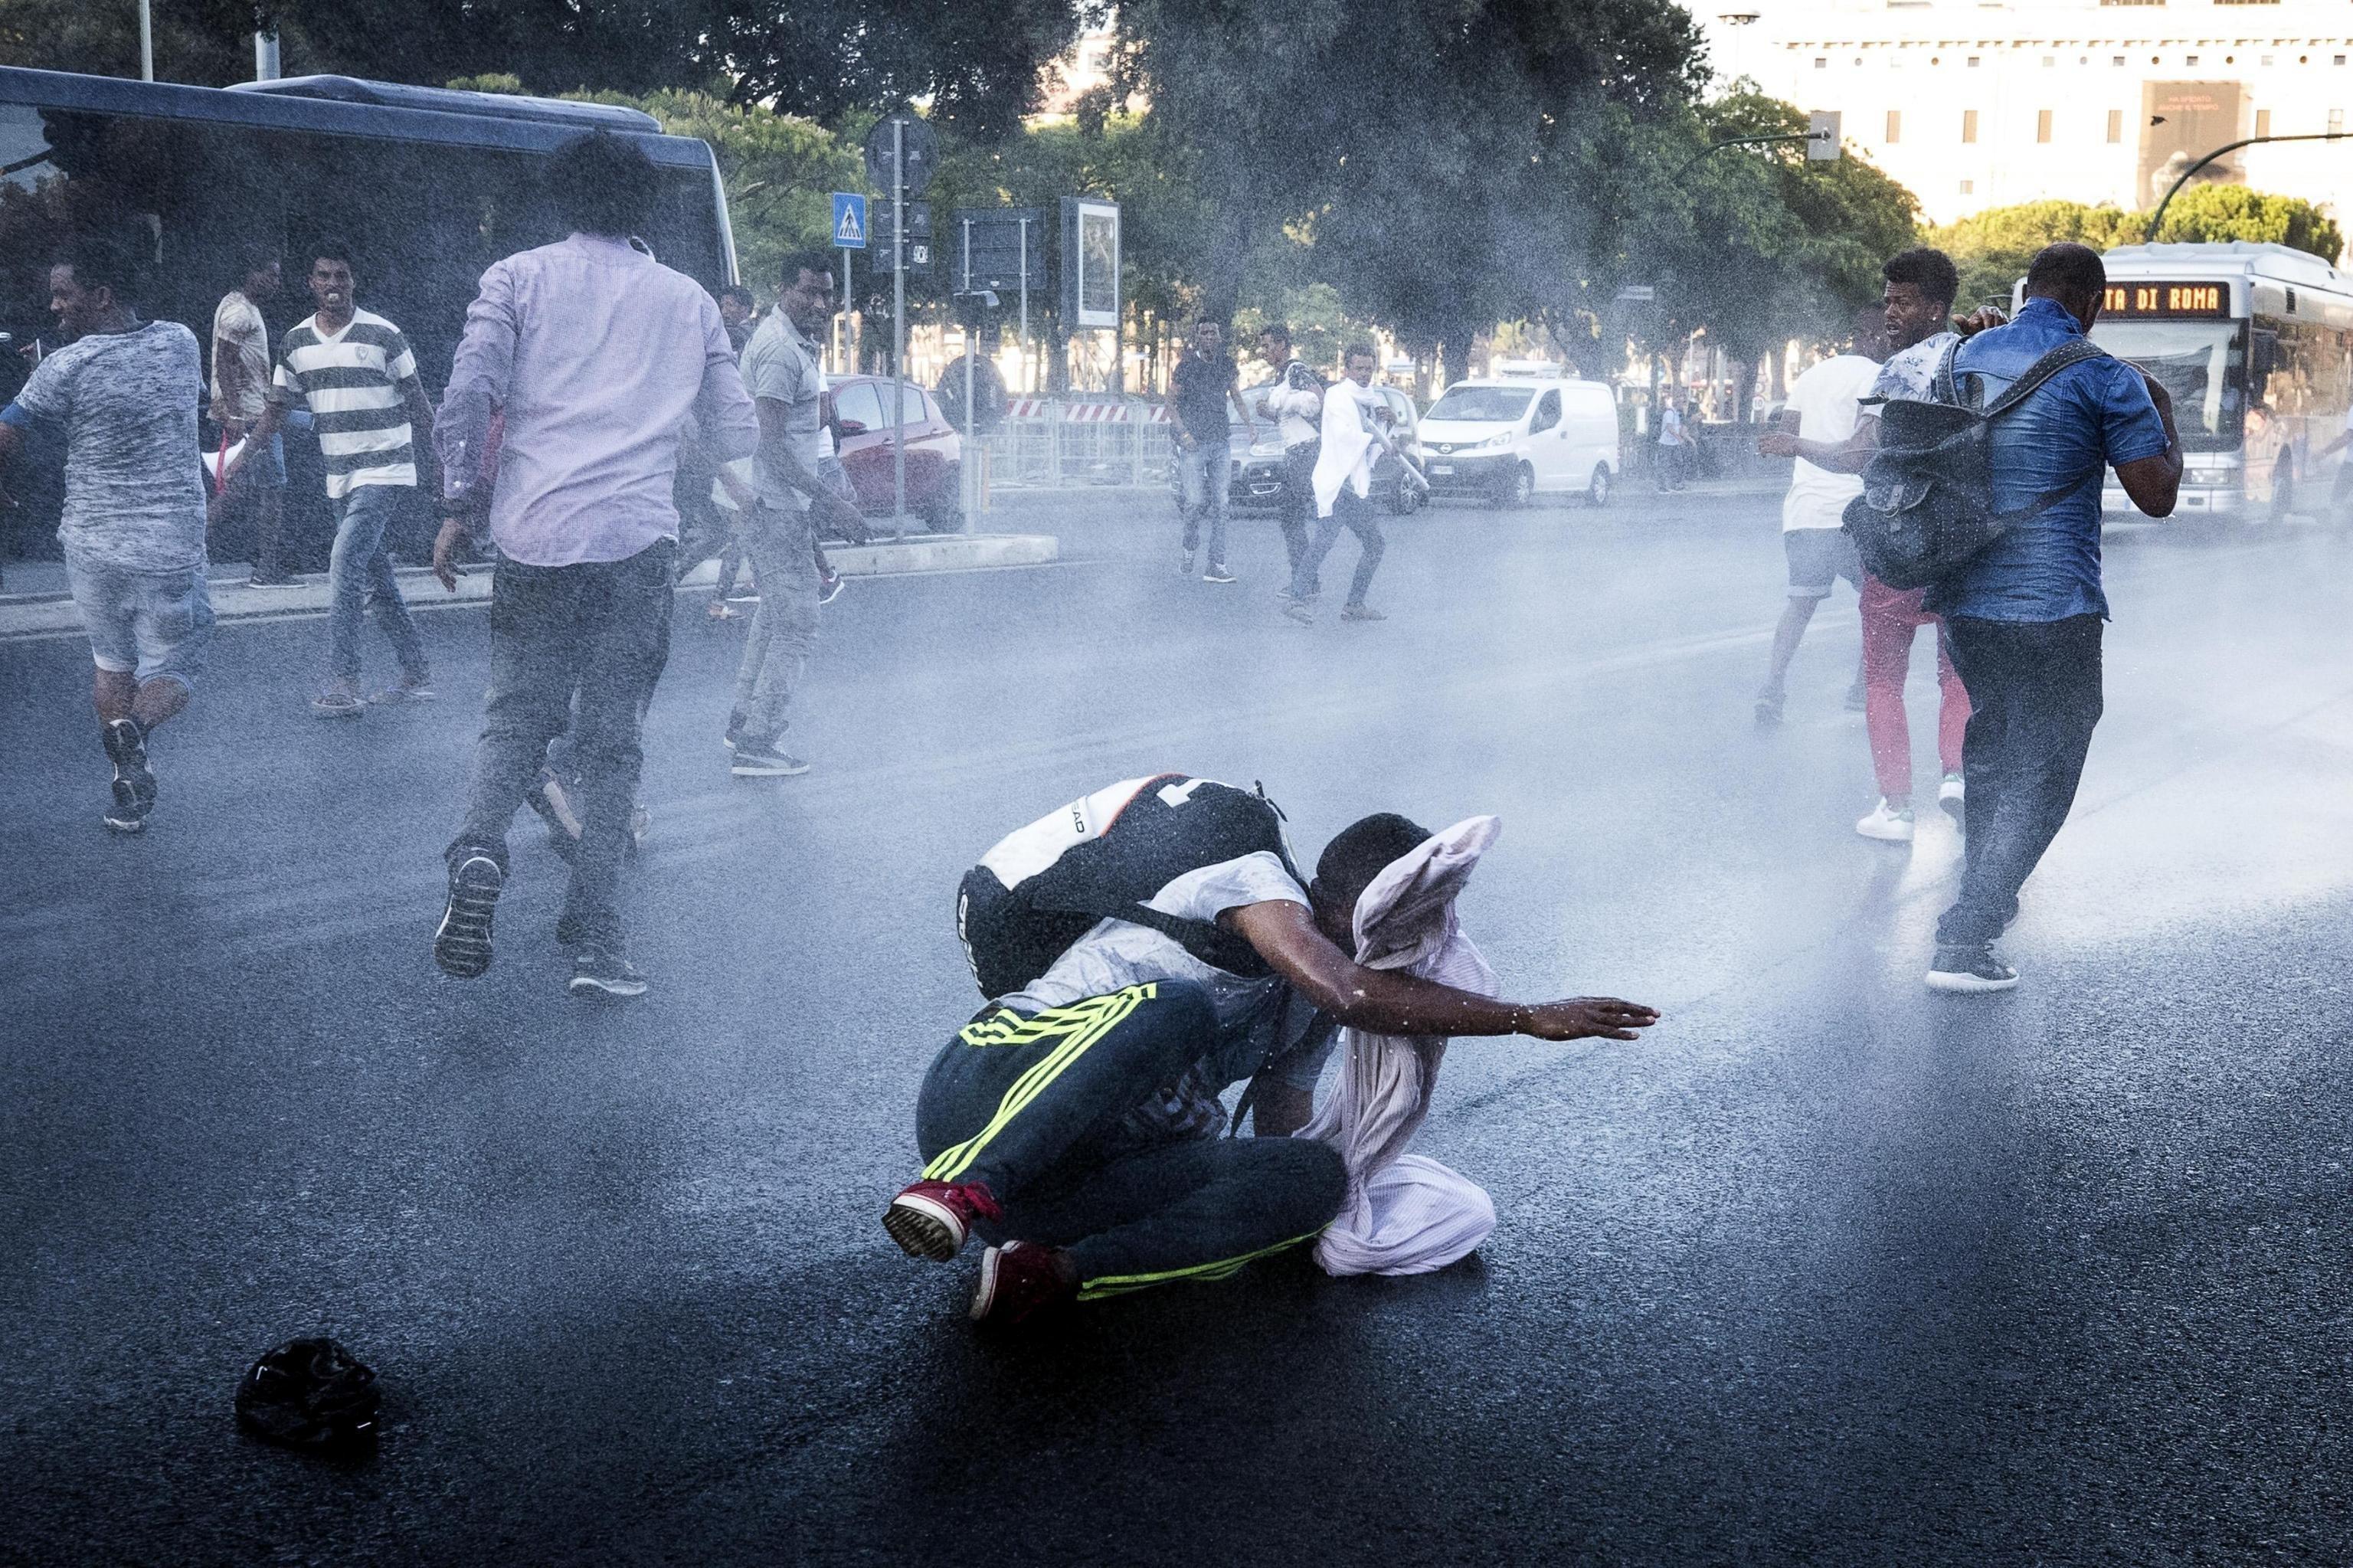 La policia utilitza canons d'aigua per dispersar un centenar d'immigrants que protesten a la plaça de la Independència a Roma (Itàlia). /ANGELO CARCONI